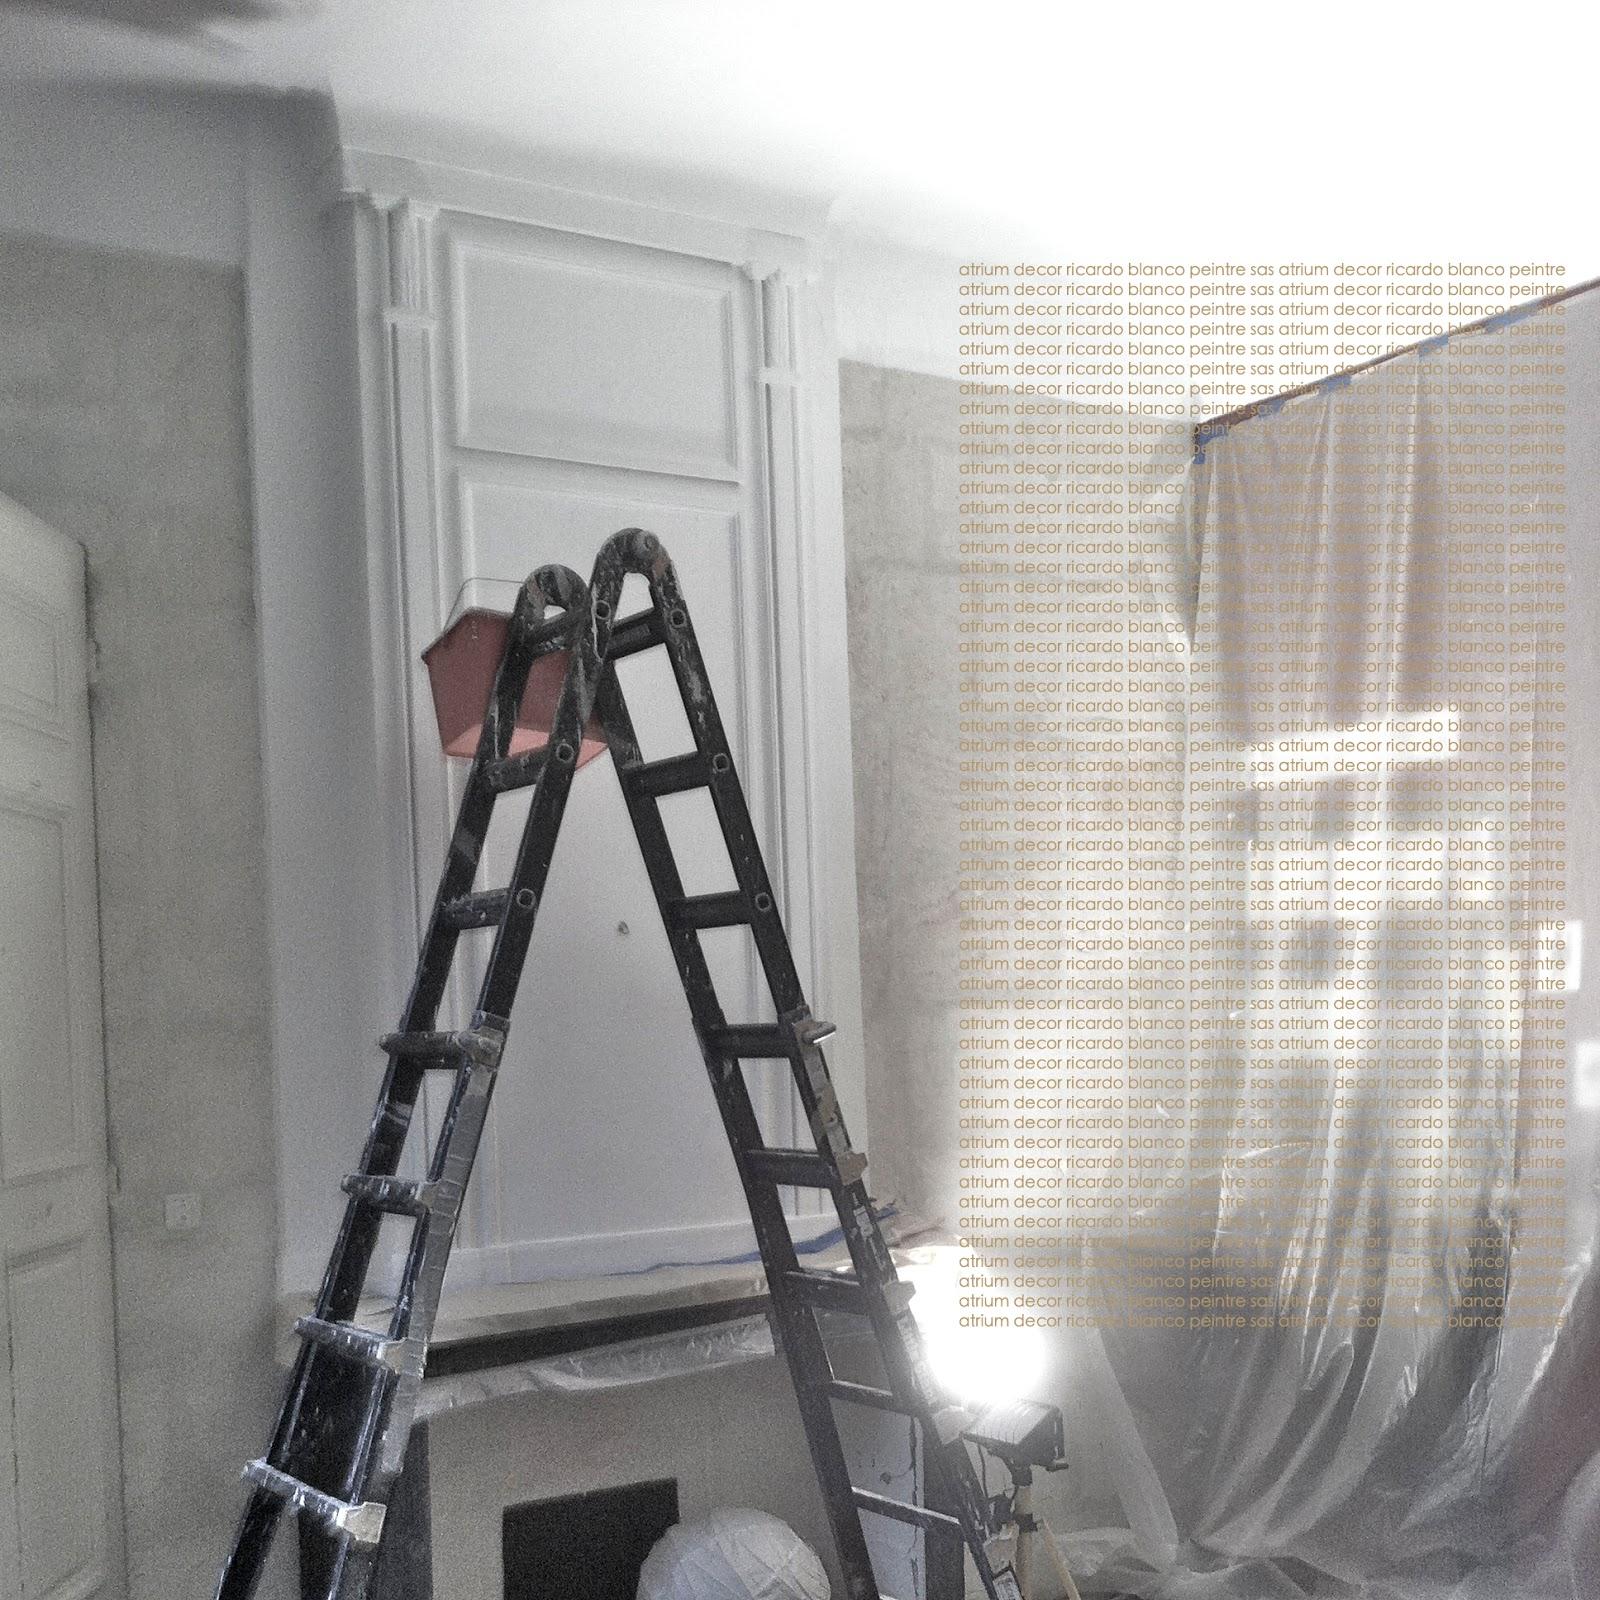 ricardo blanco peinture d coration la chaux naturelle artisan compagnon peintre d corateur. Black Bedroom Furniture Sets. Home Design Ideas